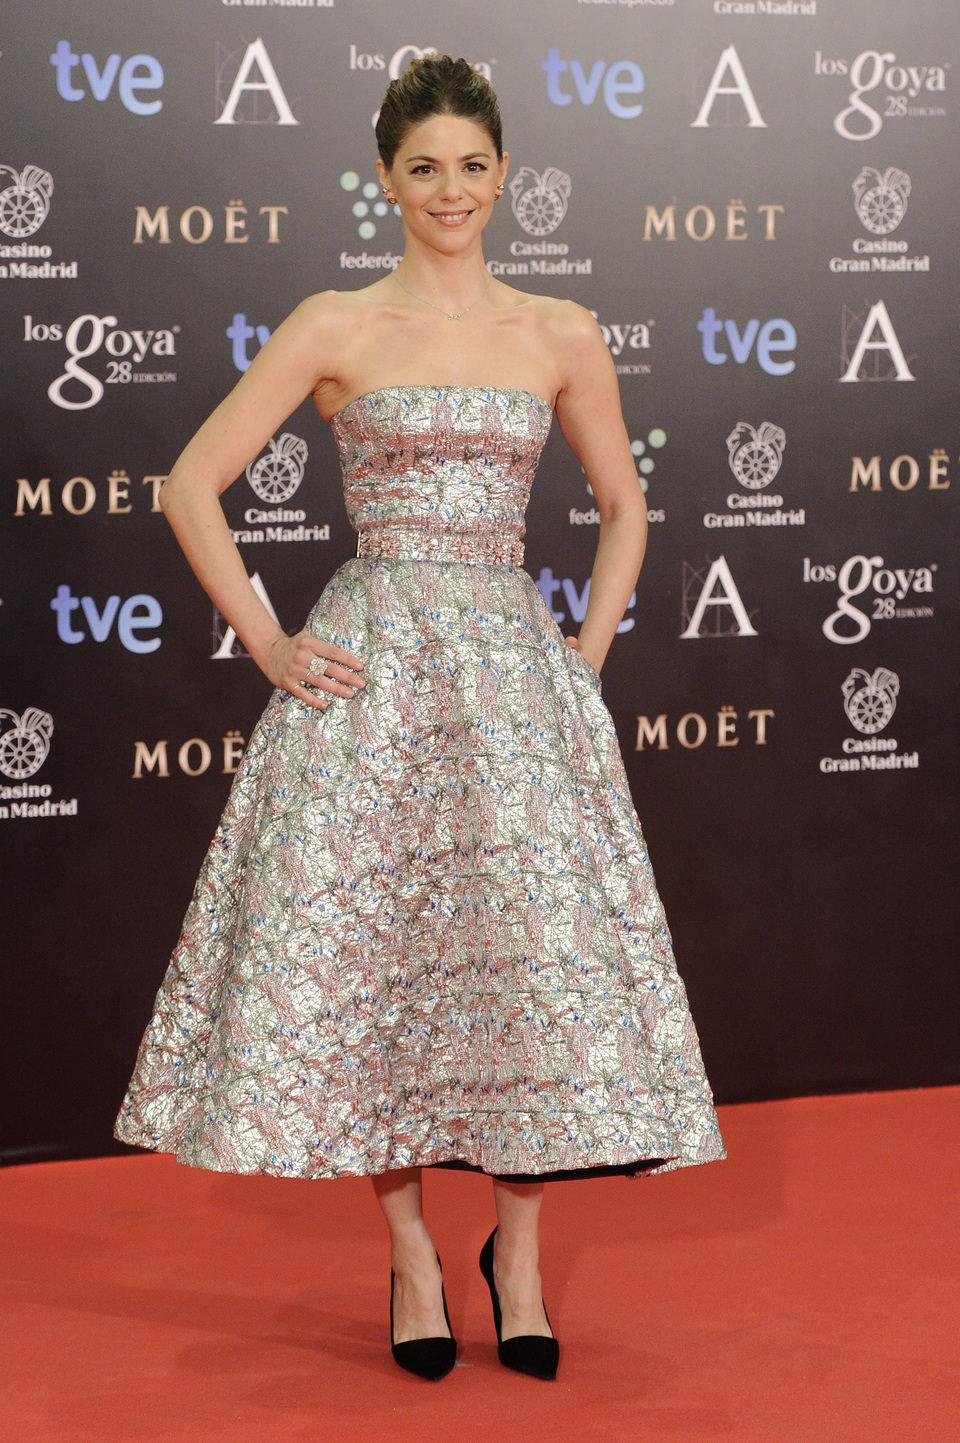 Manuela Velasco en la alfombra roja de los Goya 2014